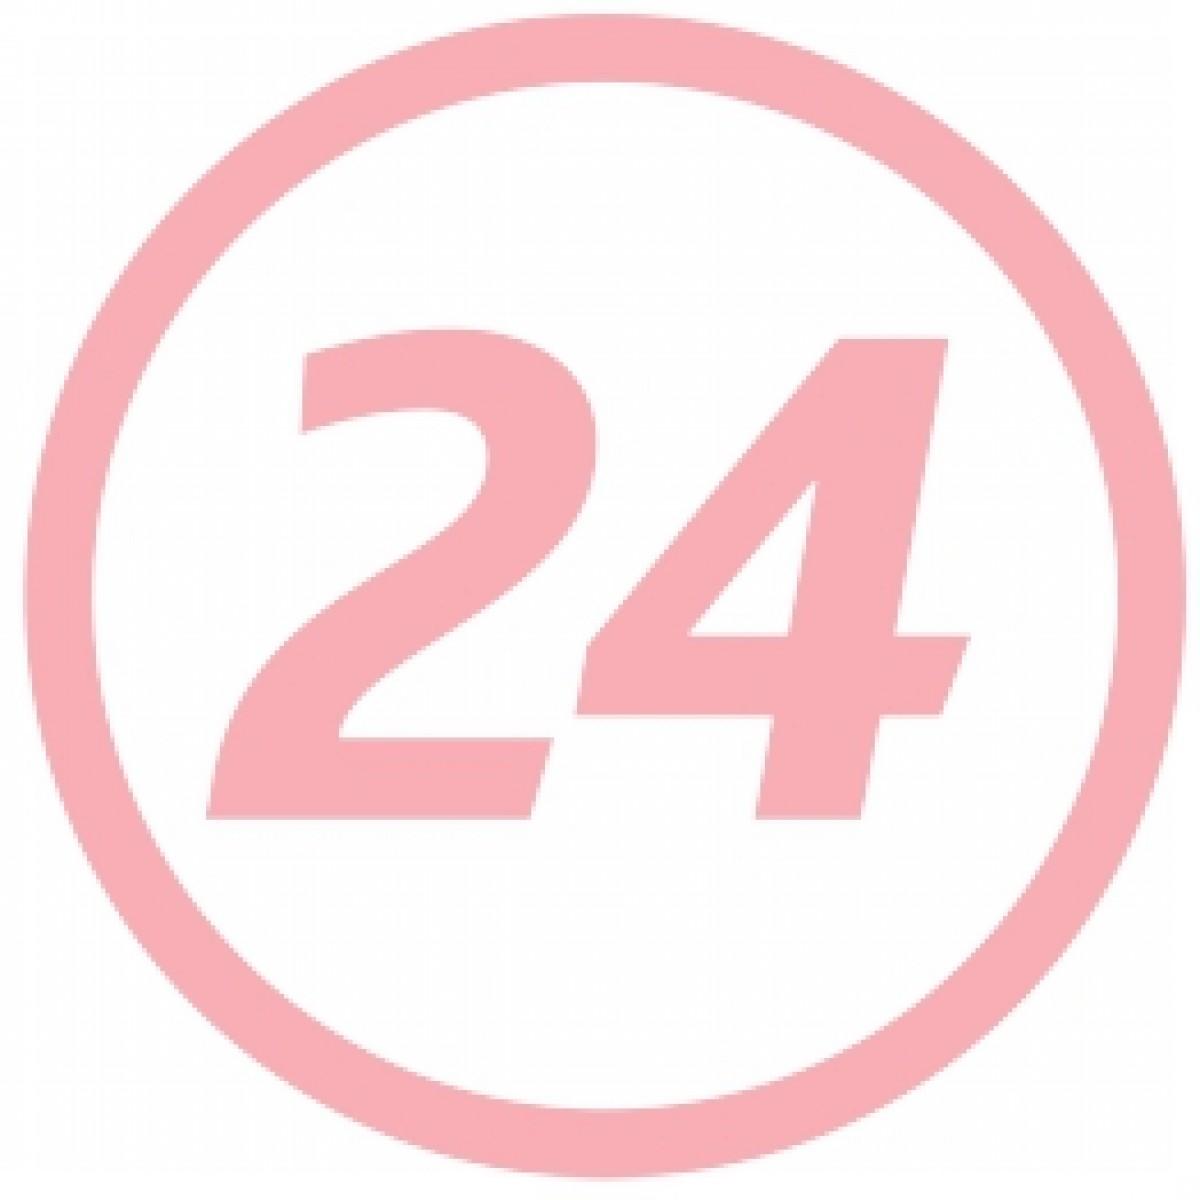 Ducray A-Derma Protect Fluid SPF 50+, Fluid, 40ml